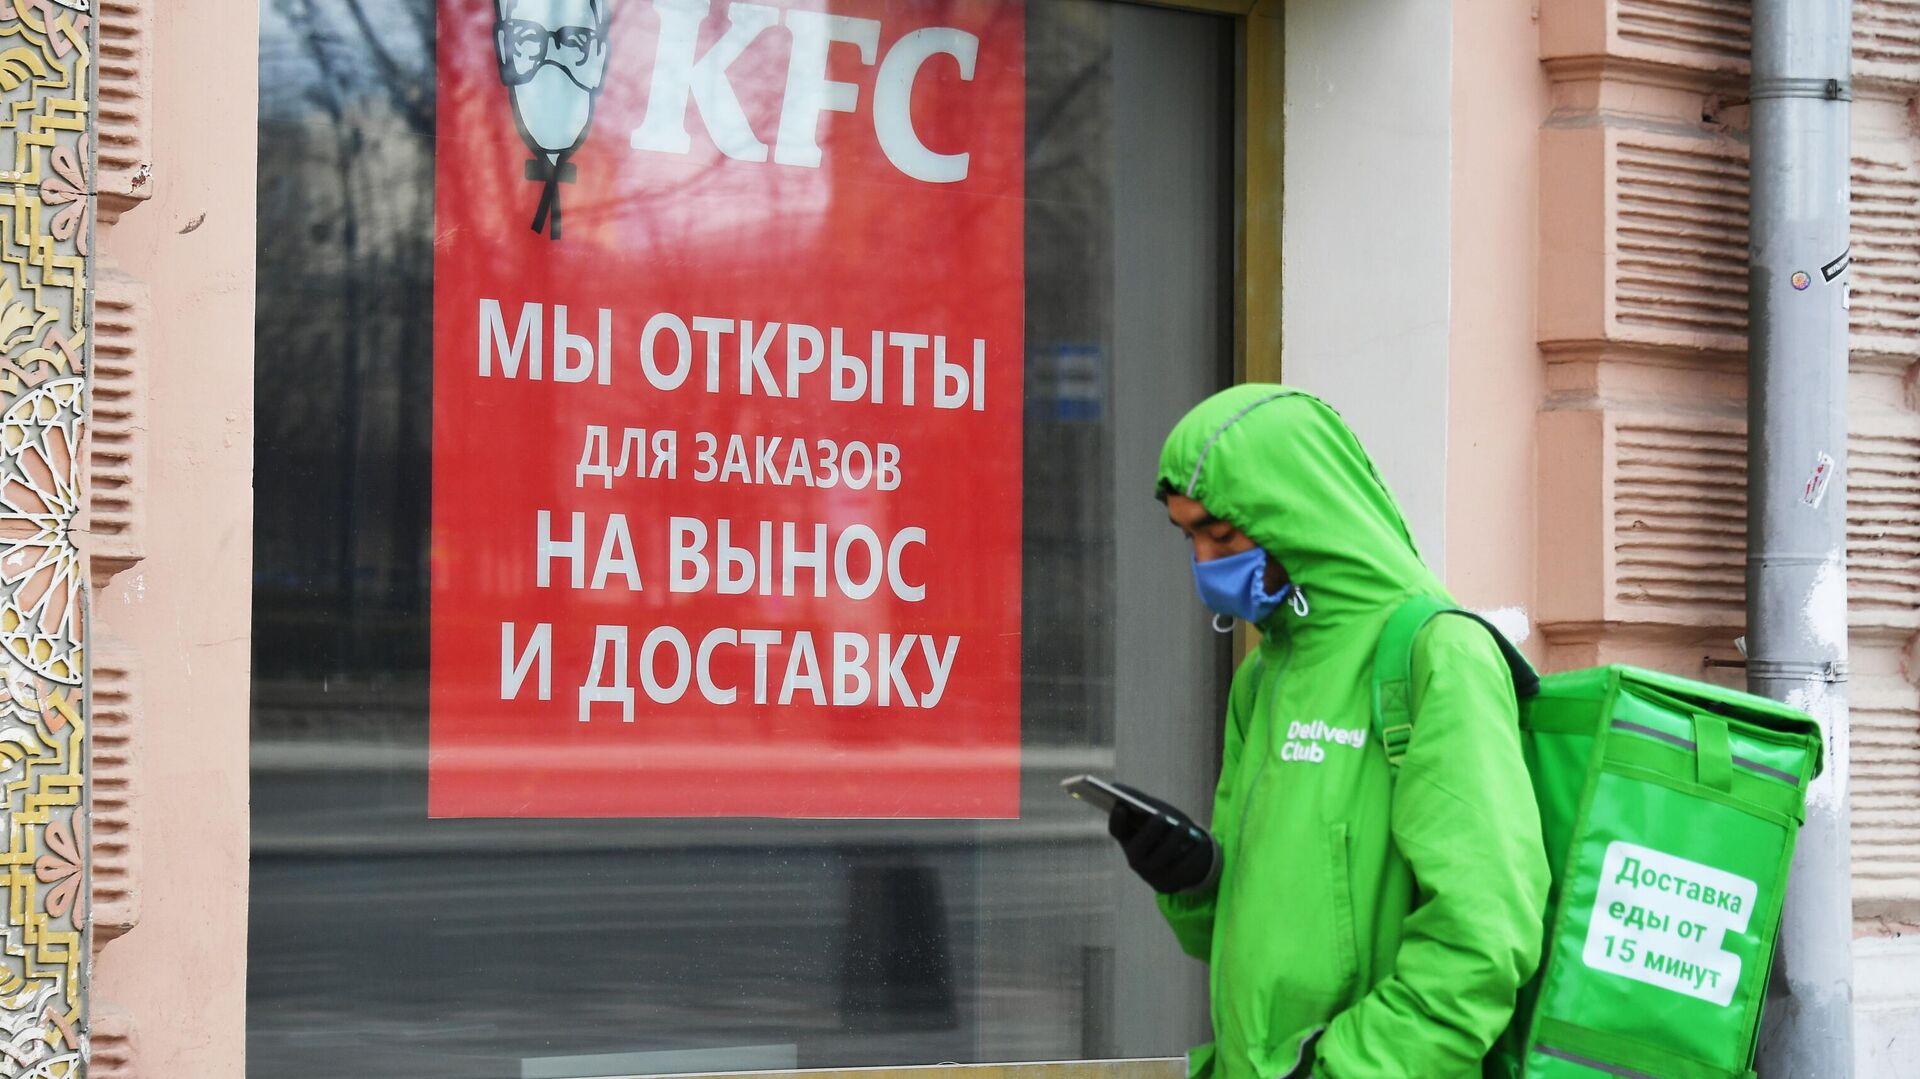 Риа новости в москве клуб футбольный клуб чертаново официальный сайт москва